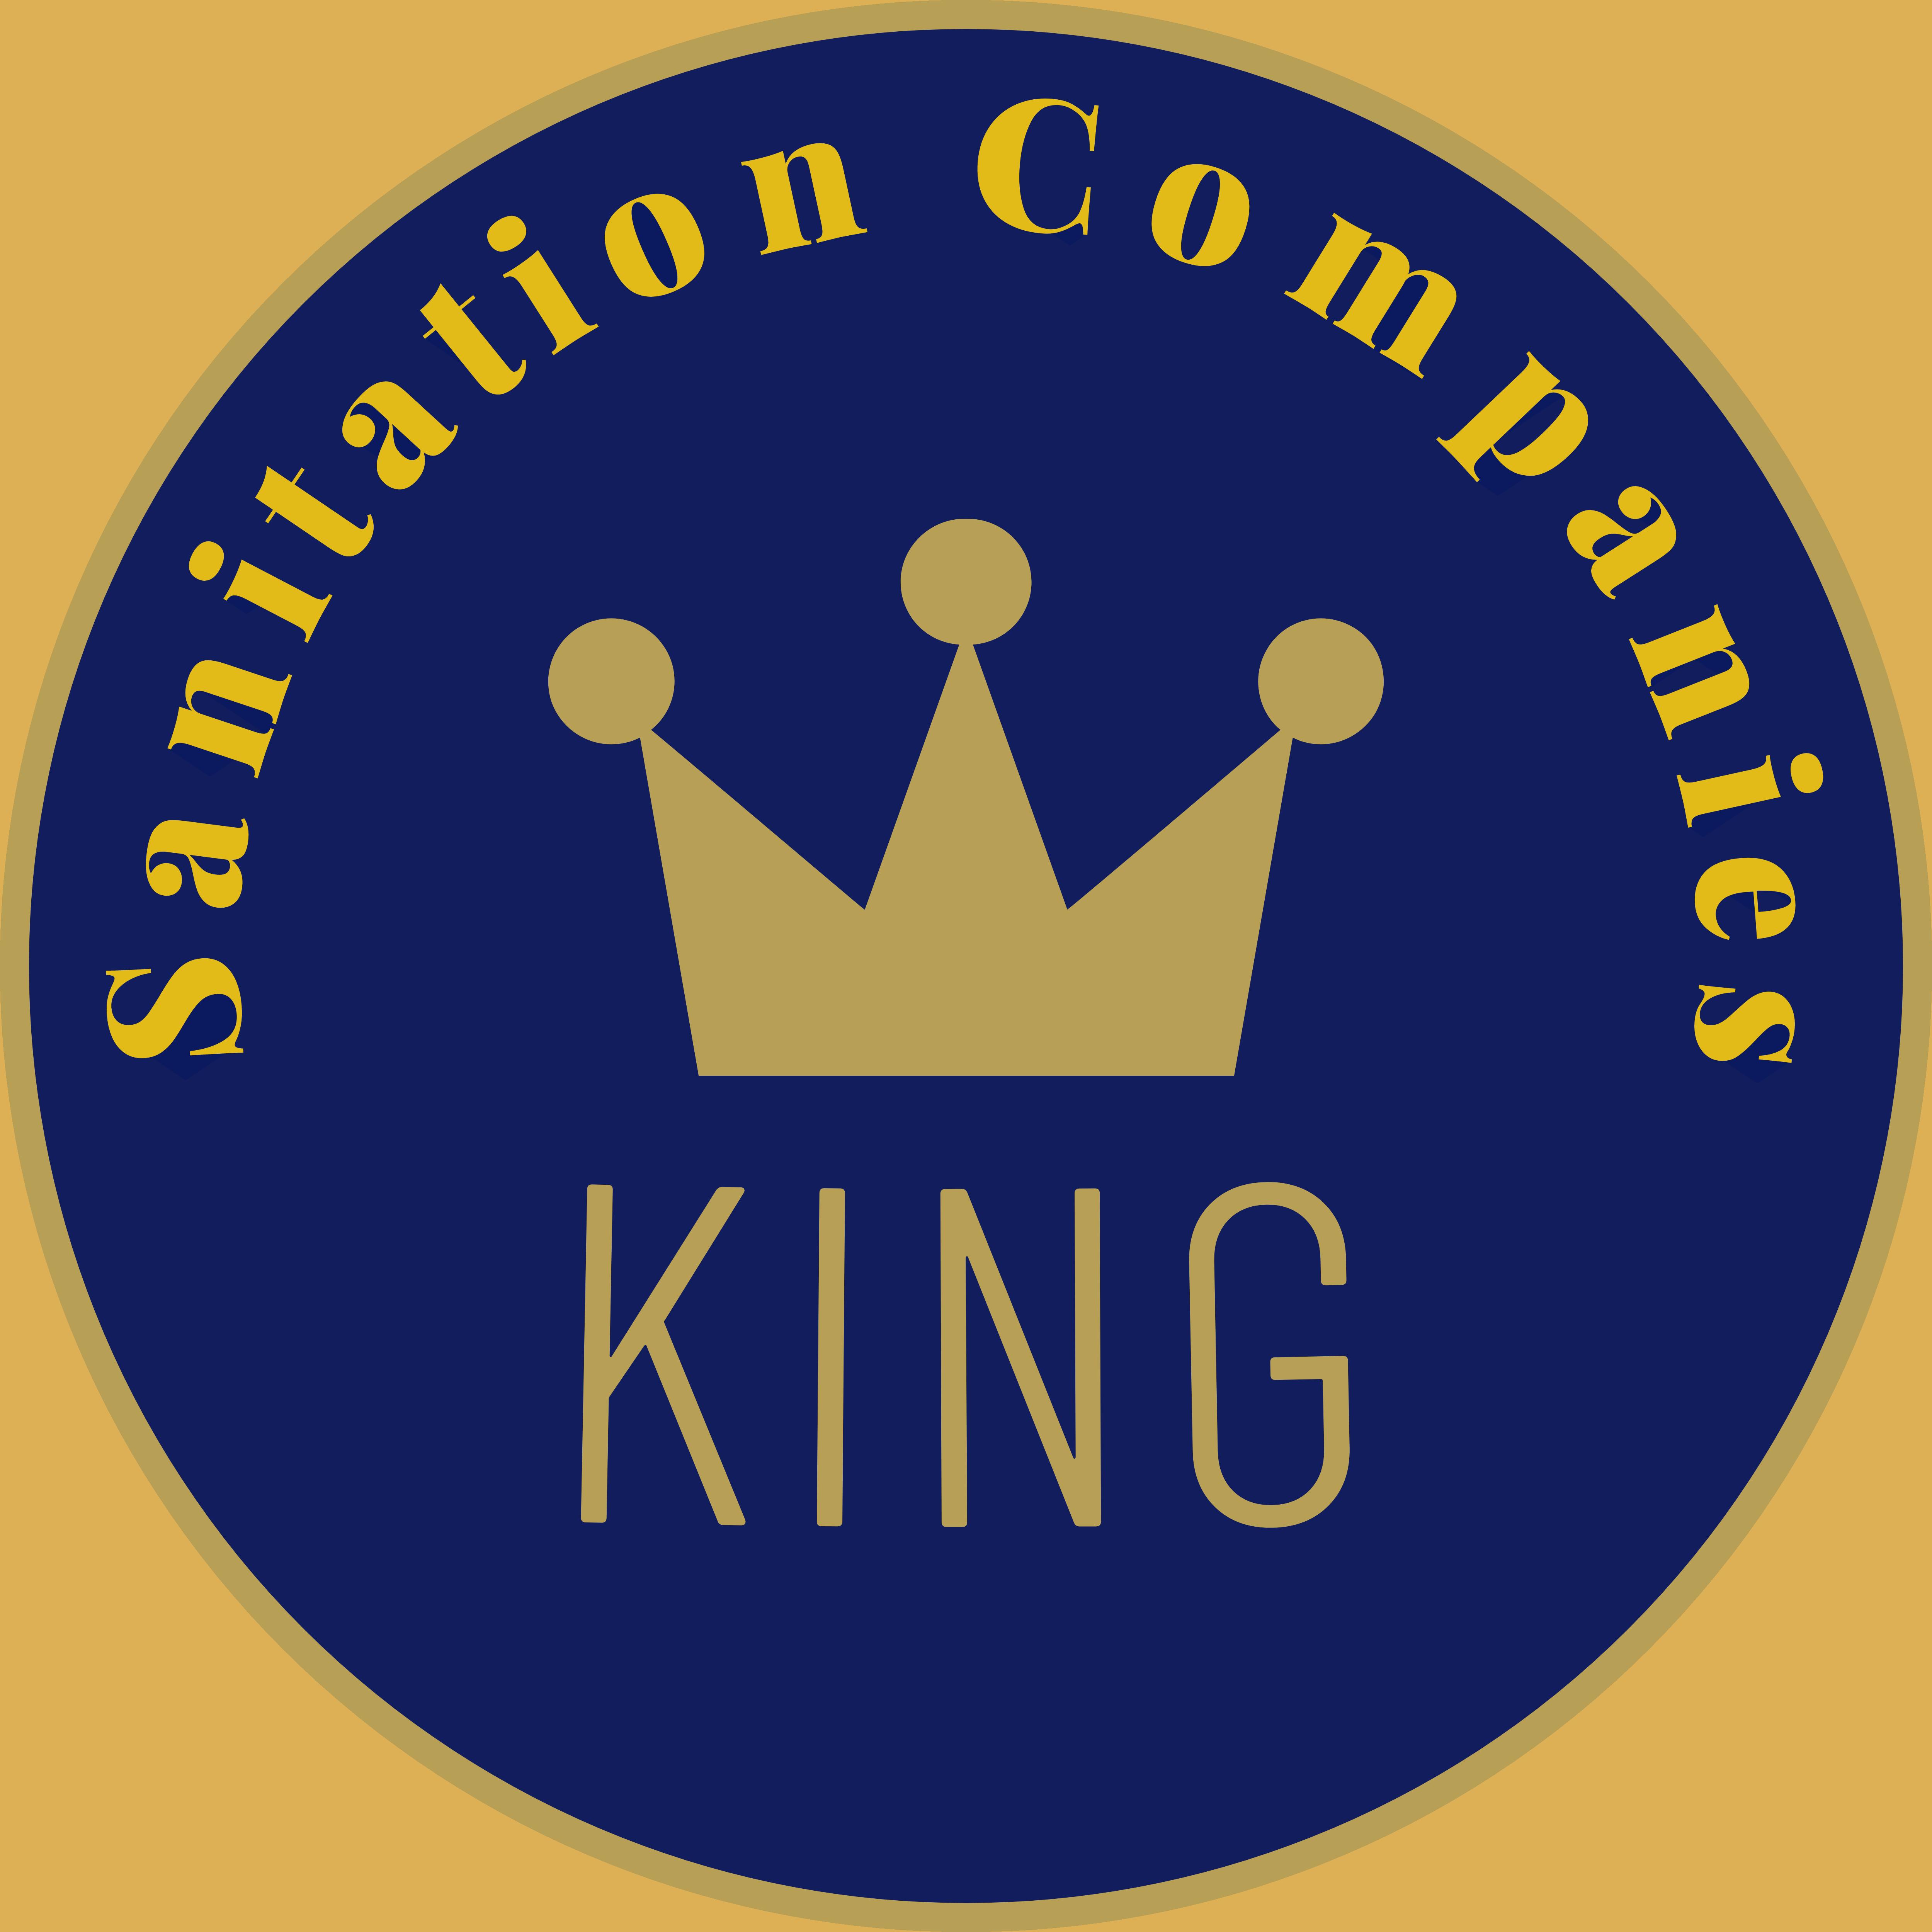 King Sanitation